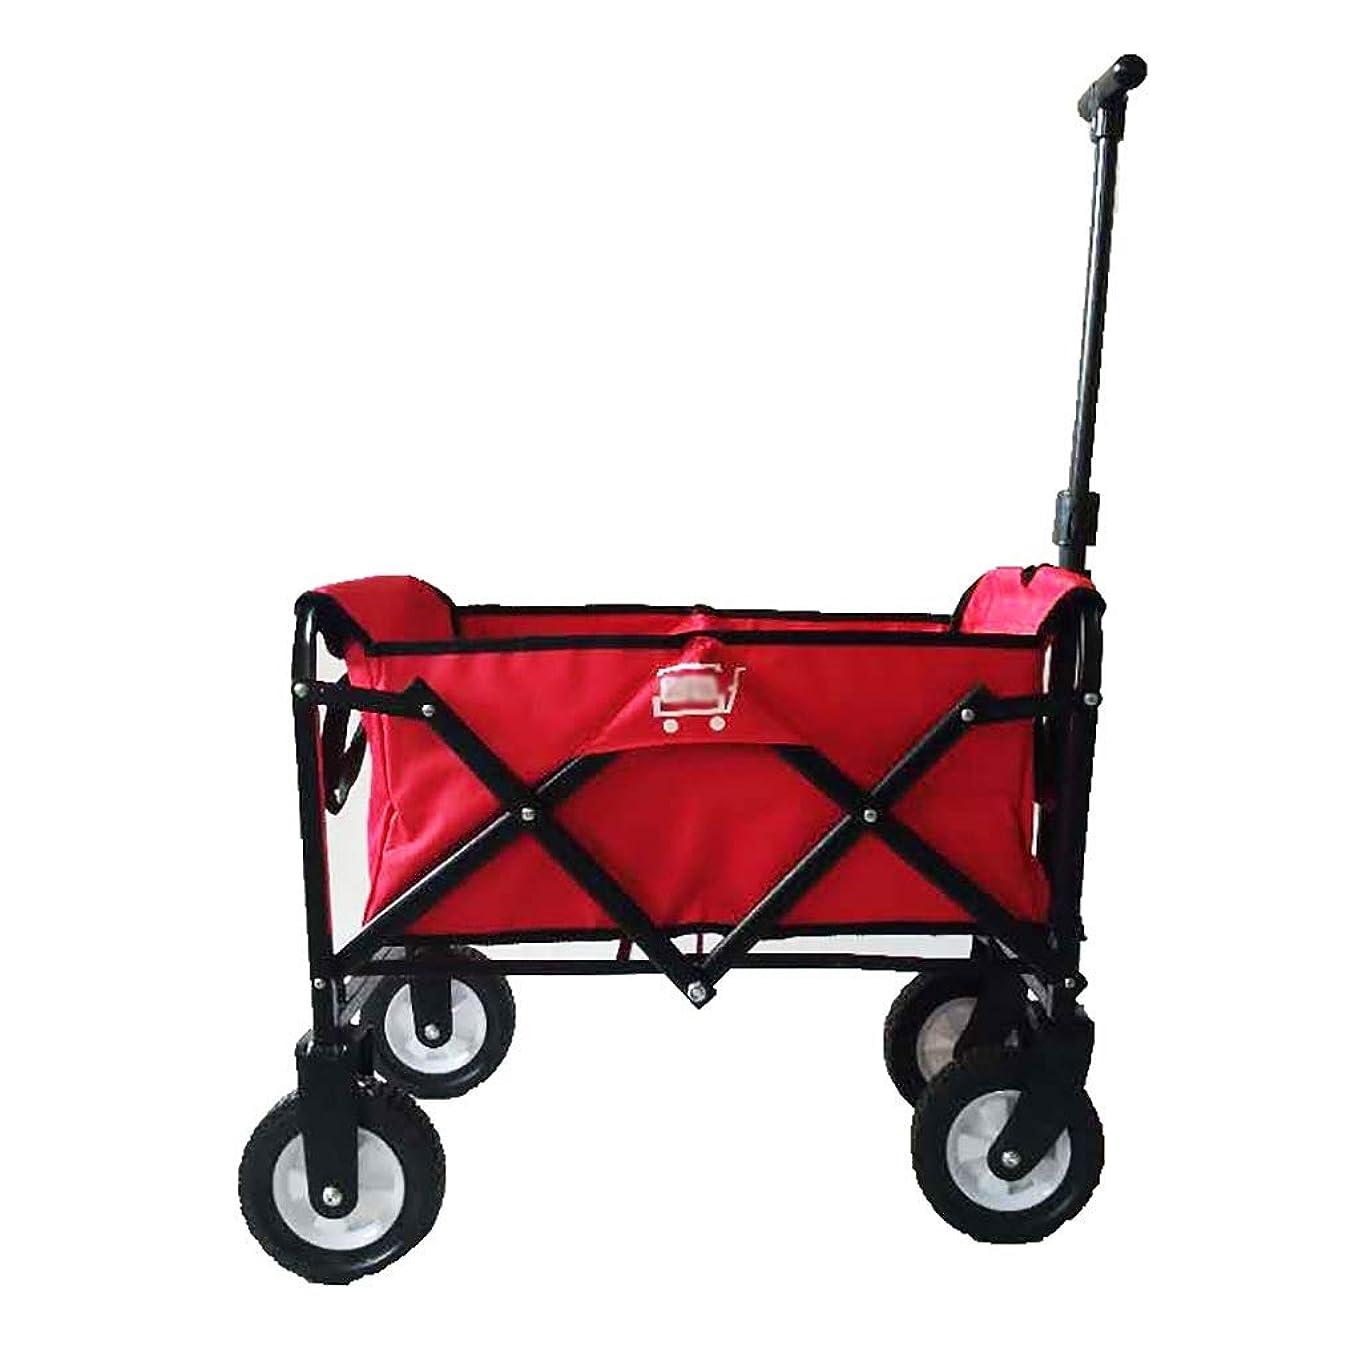 メトリック熟練したタンザニア折りたたみビーチワゴン 収穫台車?キャリー 折りたたみ式ガーデントロリーカート ヘビーデューティーワゴン 多機能ショッピングカート ために アウトドア キャンプ ビーチ スーパーマーケット プルトラック 4つの車輪で、 負荷:80kg (Color : Red)